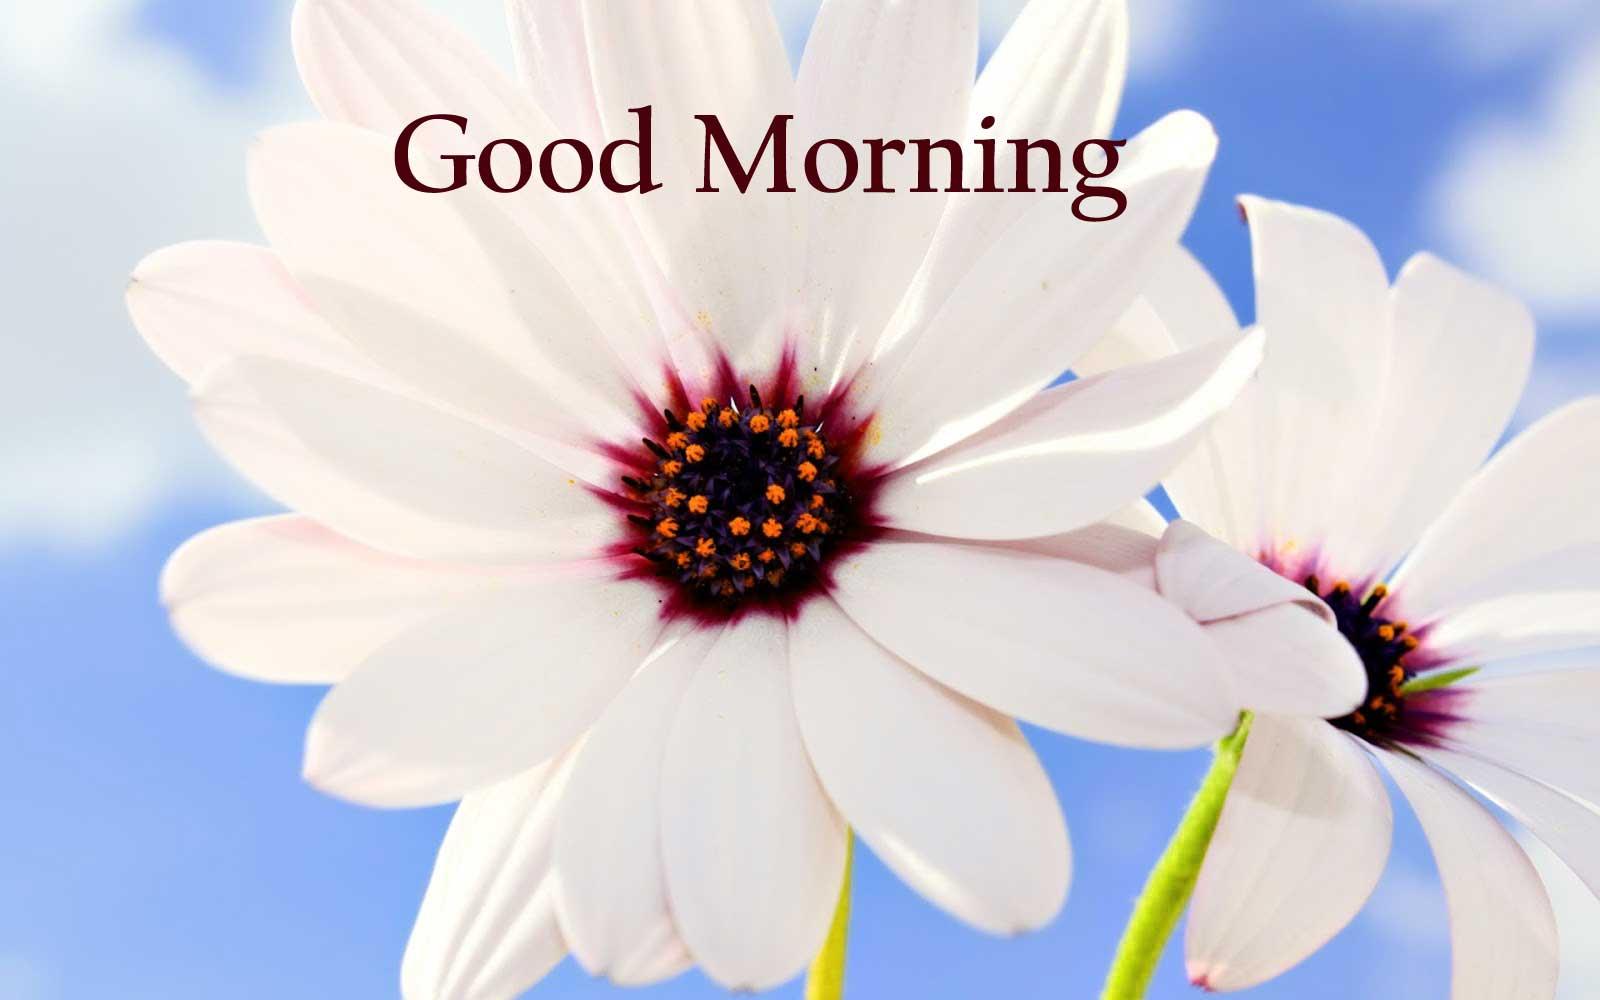 1600x1000 Hình ảnh Chào Buổi sáng Đẹp đẽ Mới với Hoa.  Bộ sưu tập hàng đầu của các loại hoa khác nhau trong hình ảnh HD